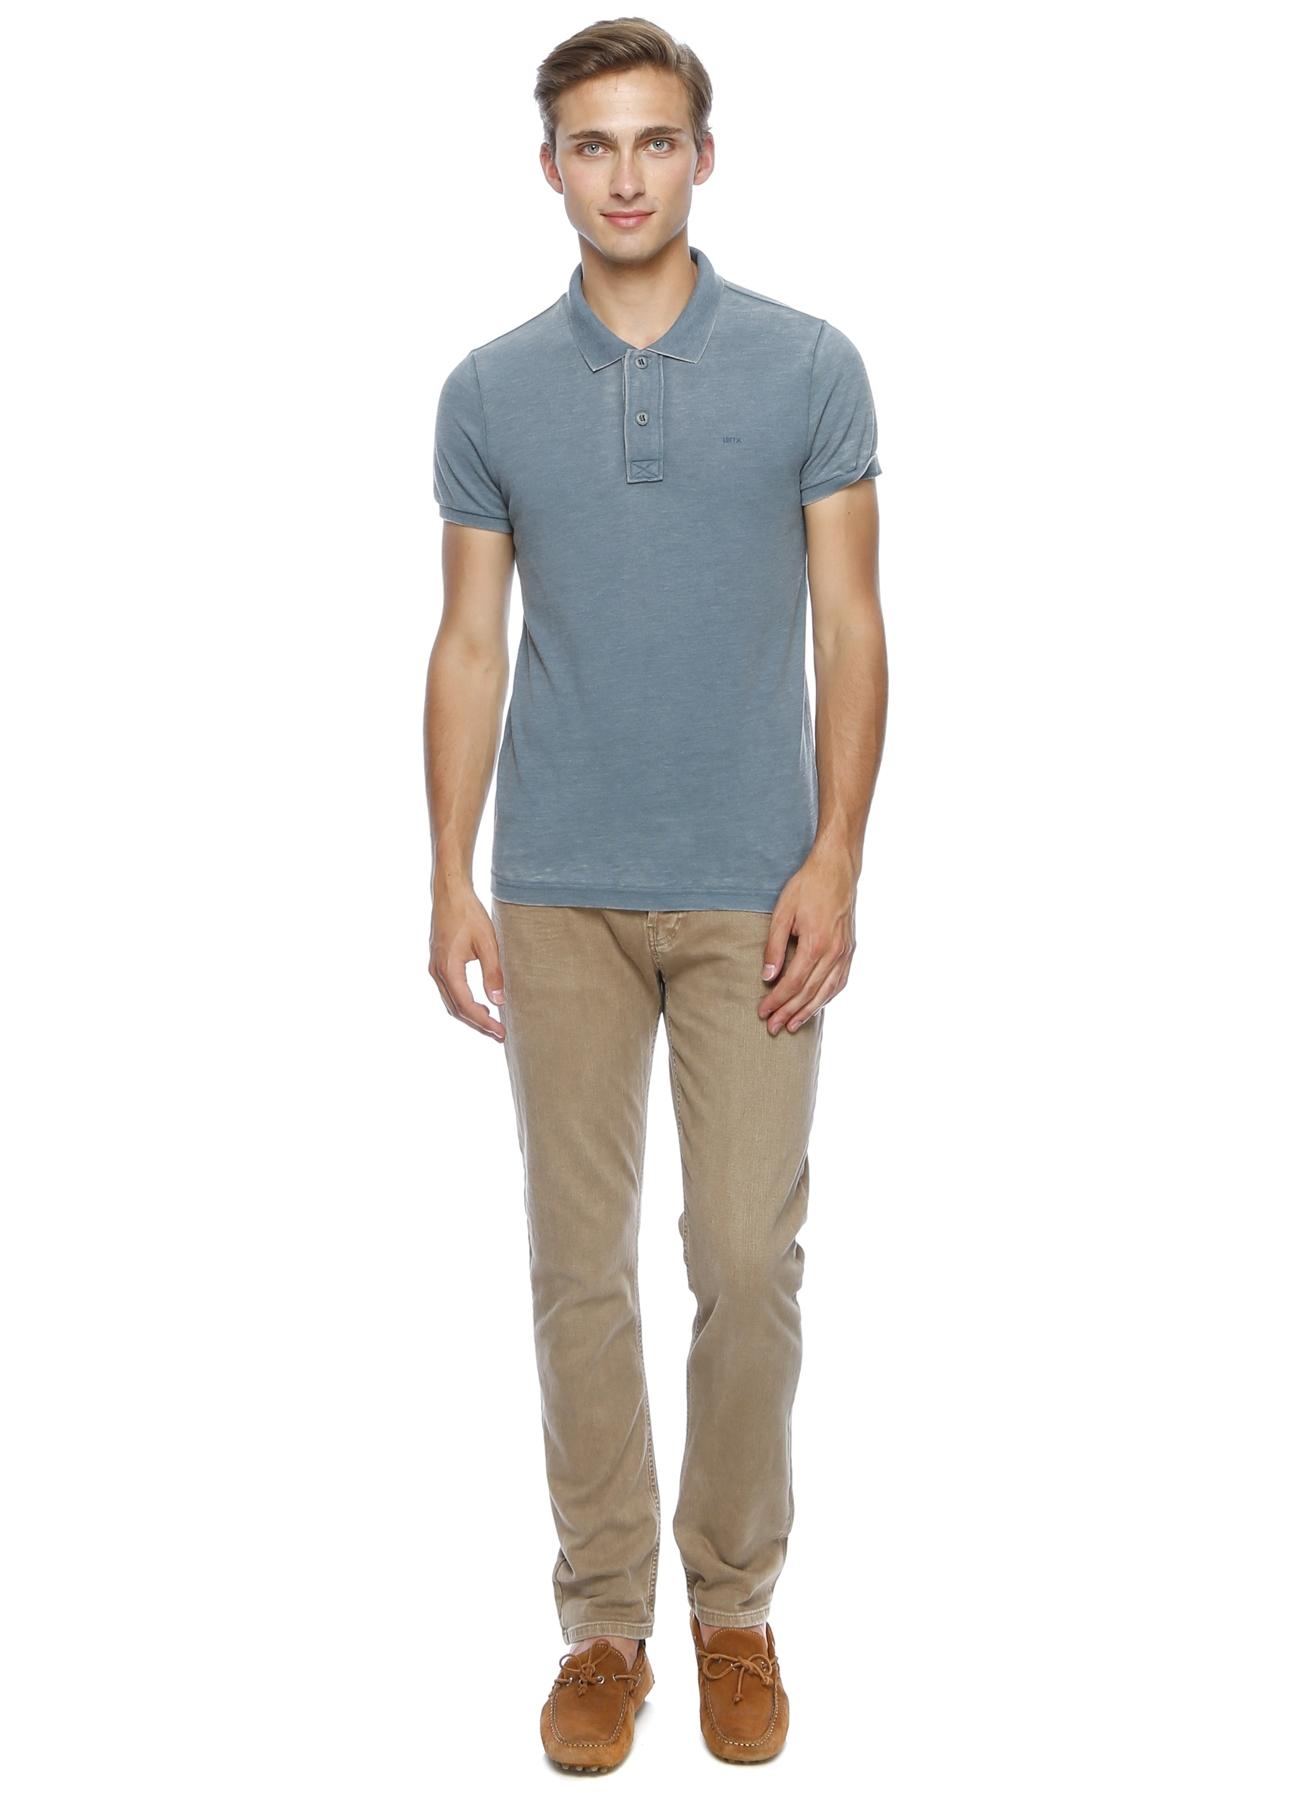 Loft Klasik Pantolon 32-34 5000147255007 Ürün Resmi